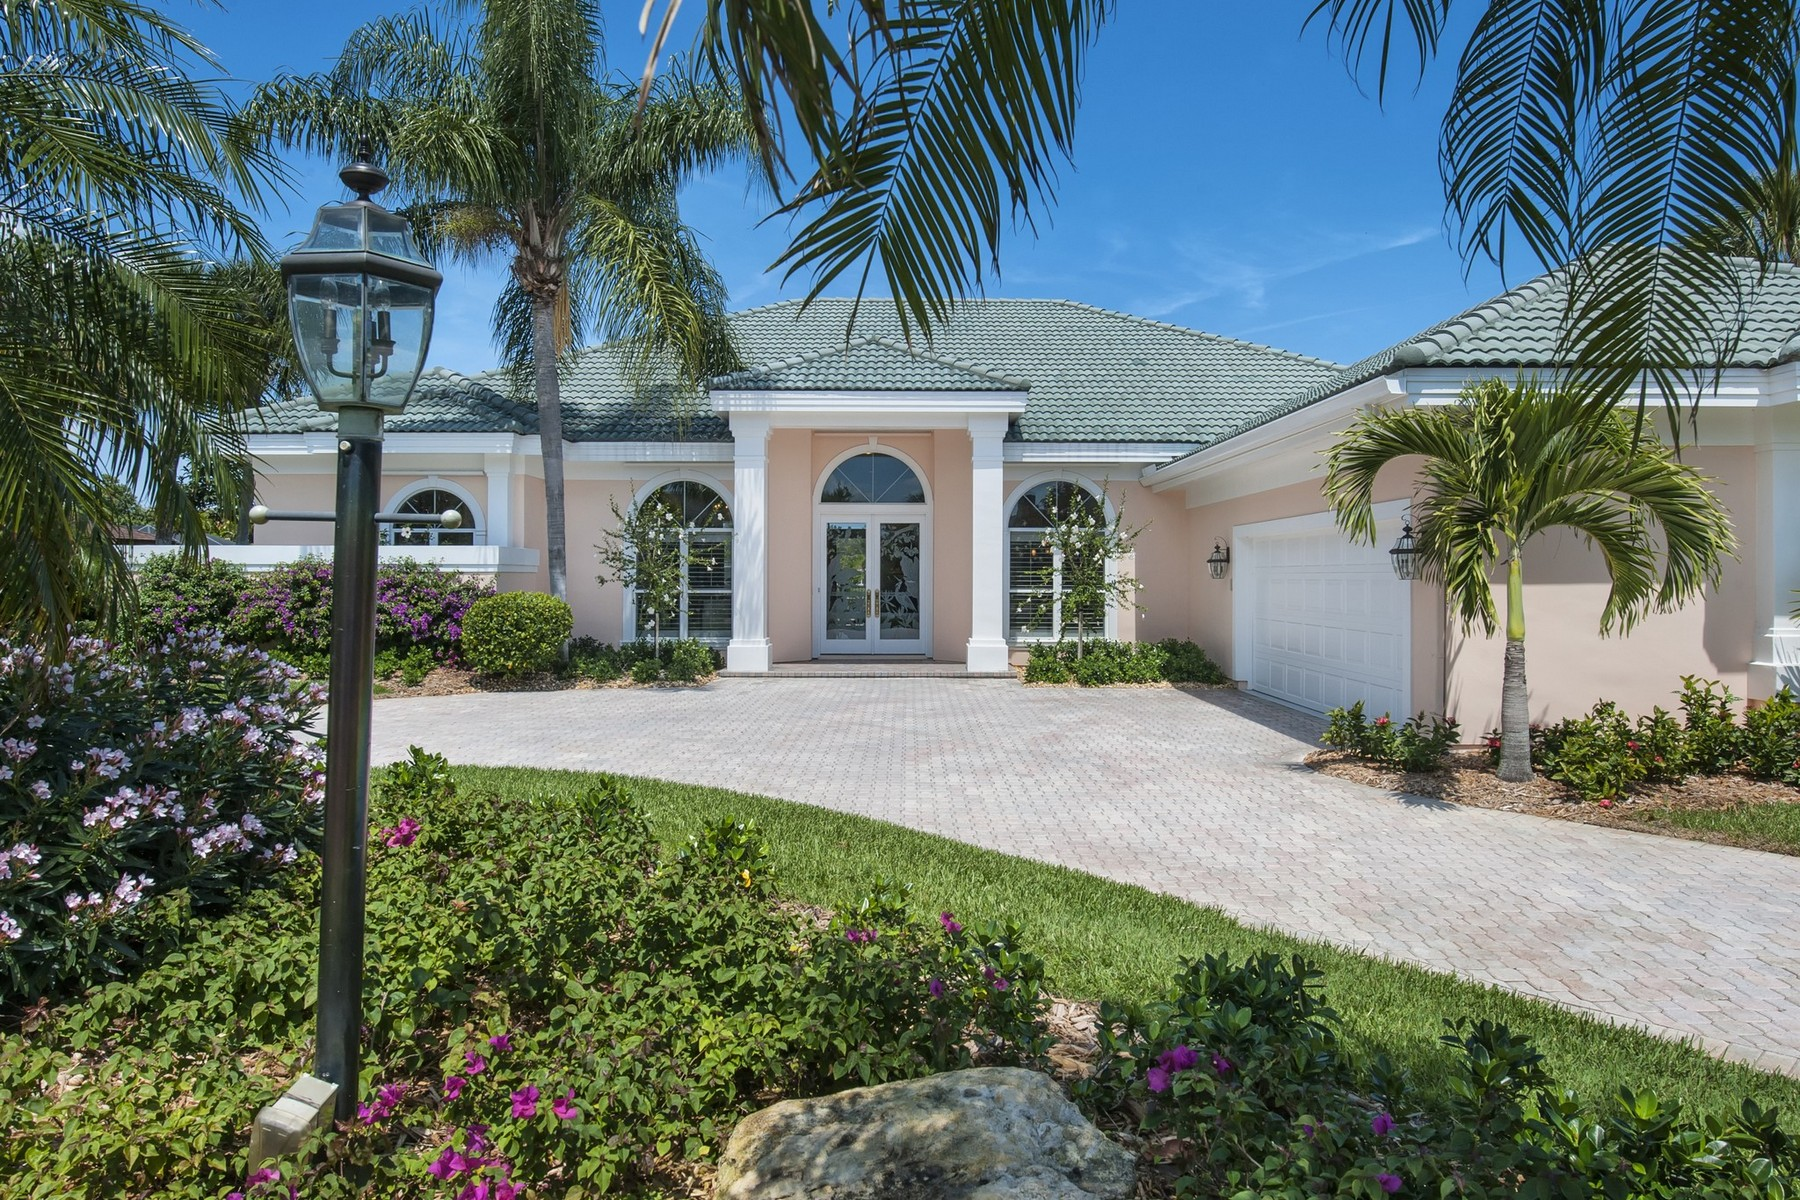 Villa per Vendita alle ore Exquisite lakeview pool home in Cache Cay 64 Cache Cay Drive Vero Beach, Florida 32963 Stati Uniti